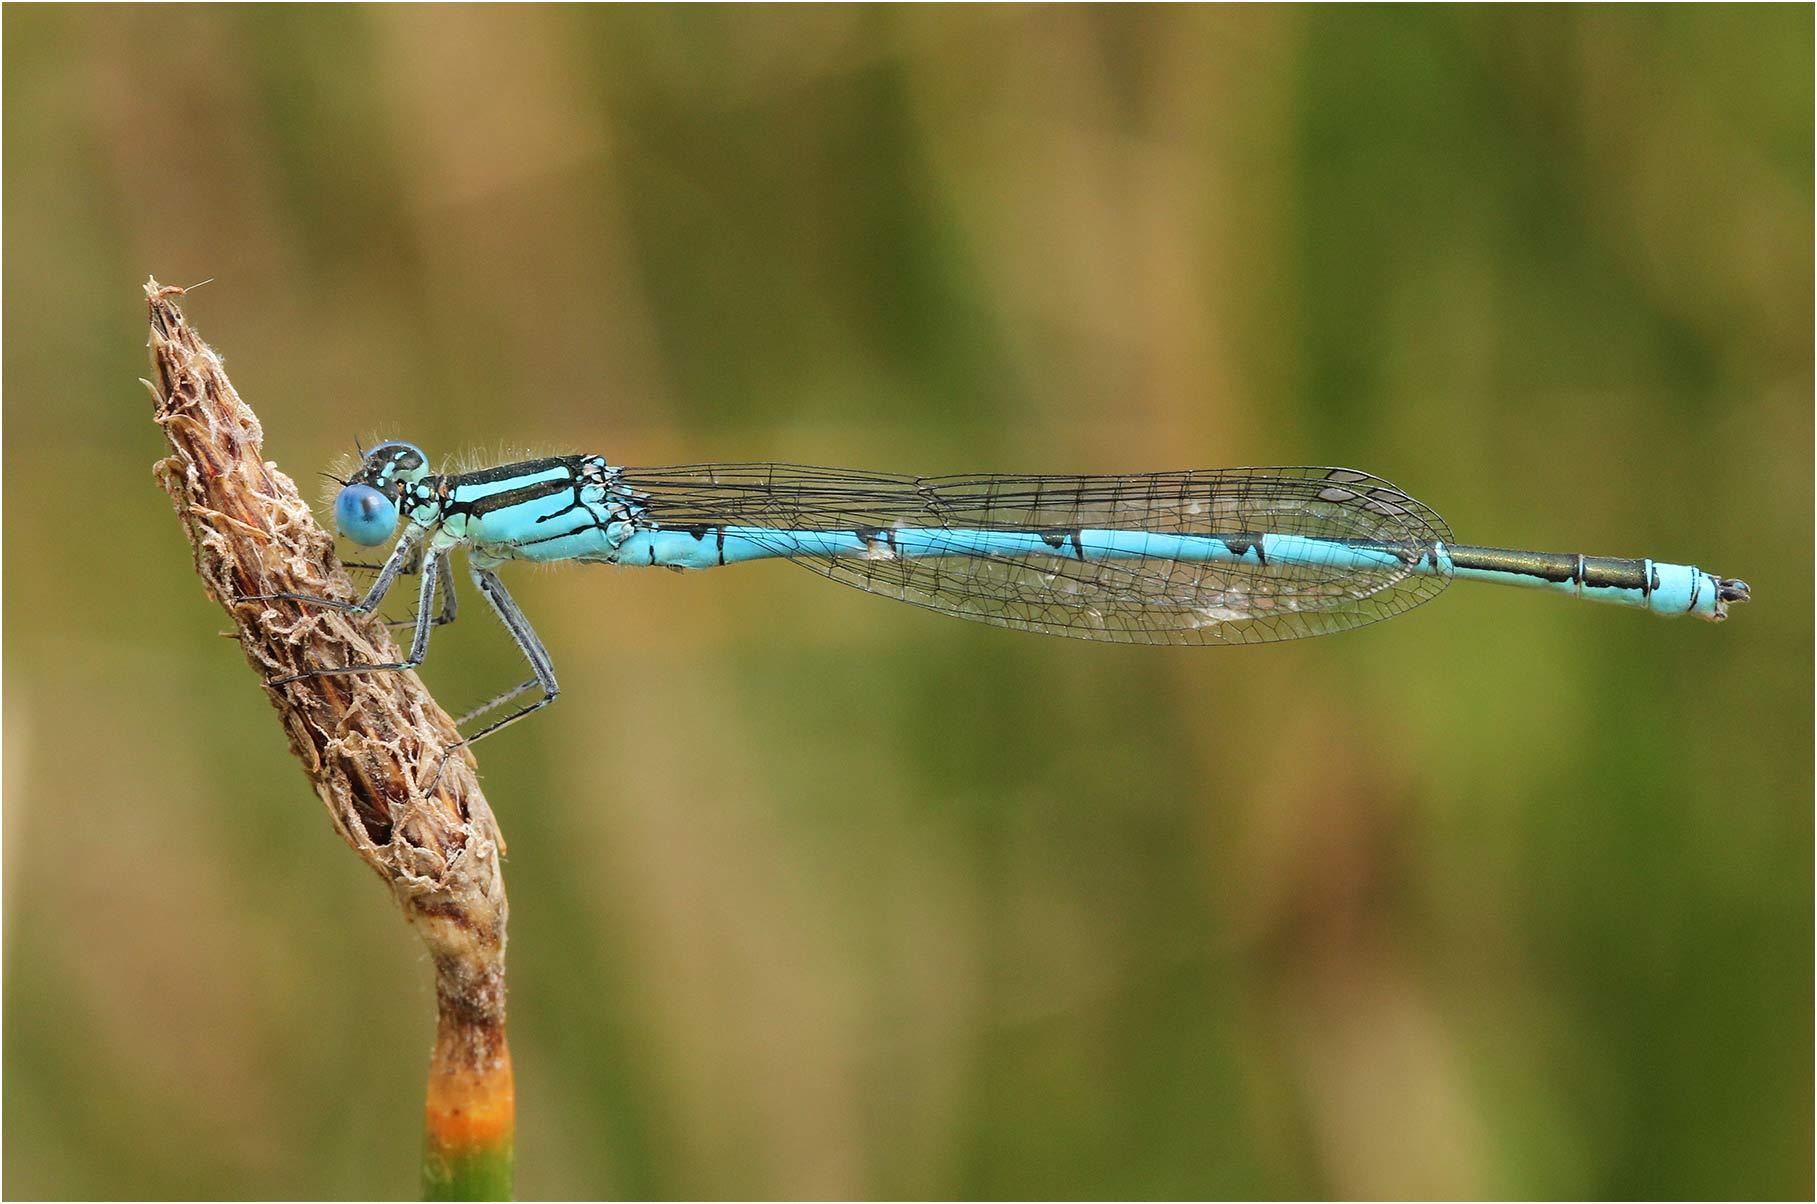 Erythromma lindenii mâle, France, la Chaussaire, 03/07/2011